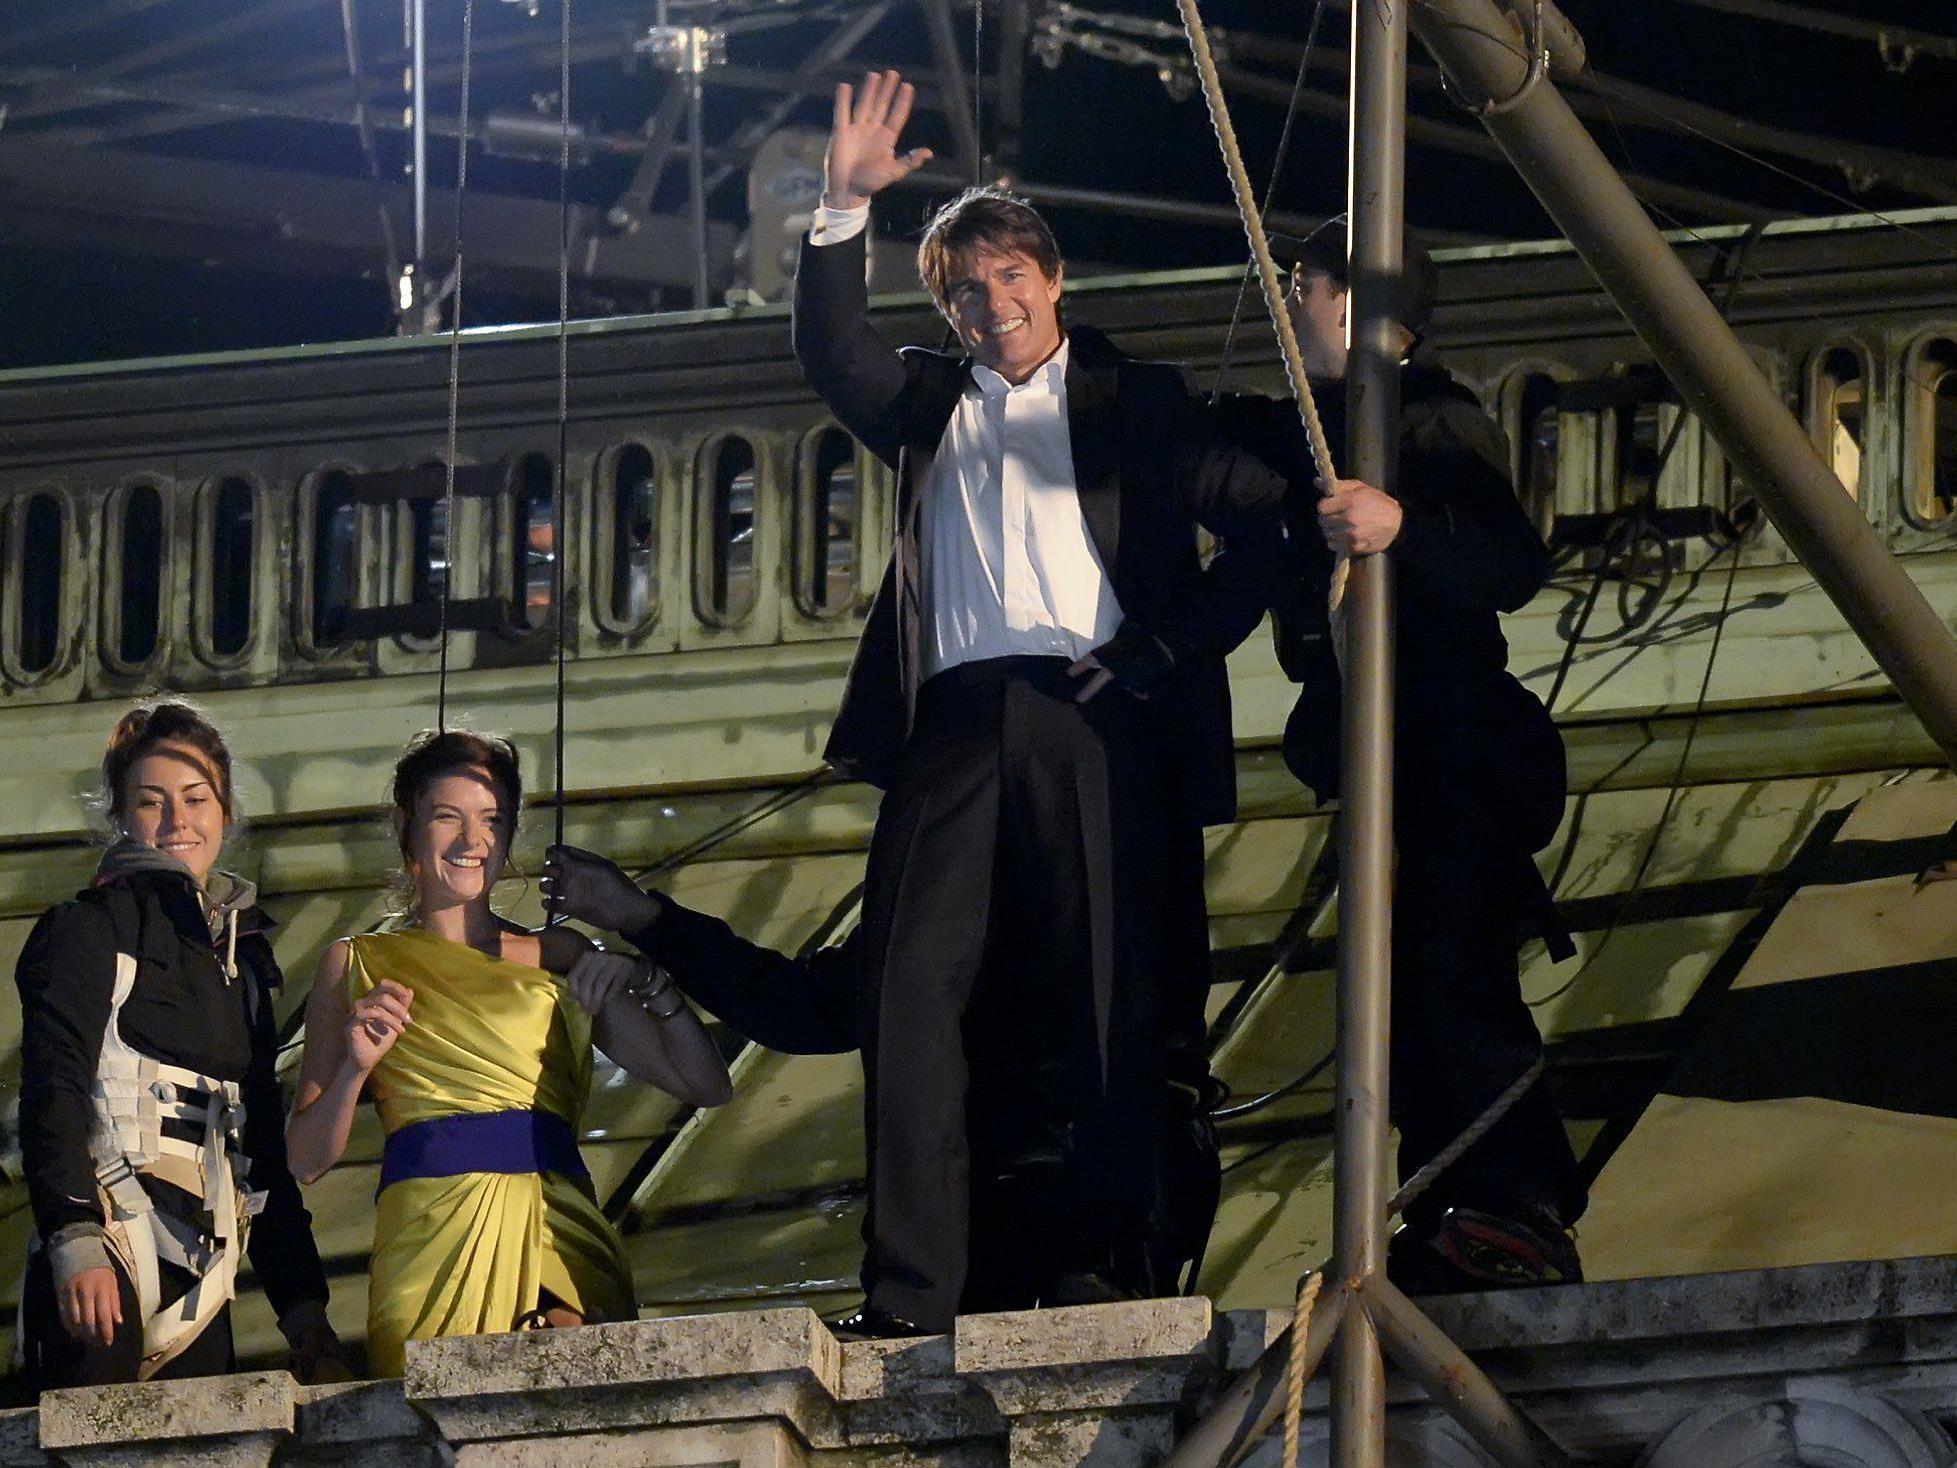 Tom Cruise hat auch bei waghalsigen Action-Szenen gute Laune und winkt seinen Fans.